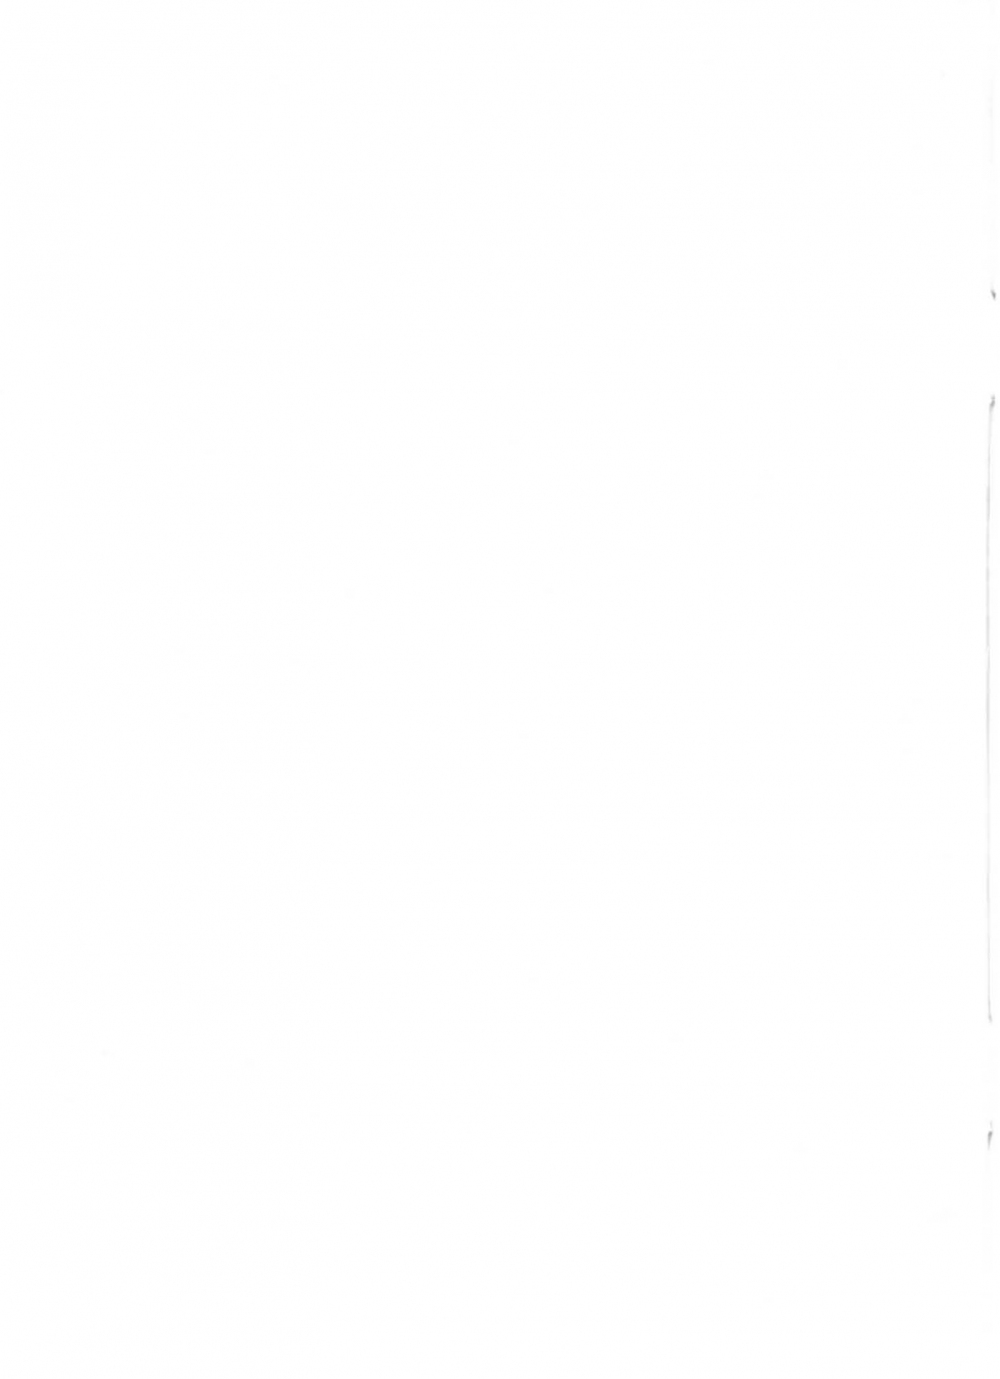 Алгебра і початки аналізу в таблицях і схемах. Авт: Бровченко О. Вид-во: Логос. купити  1